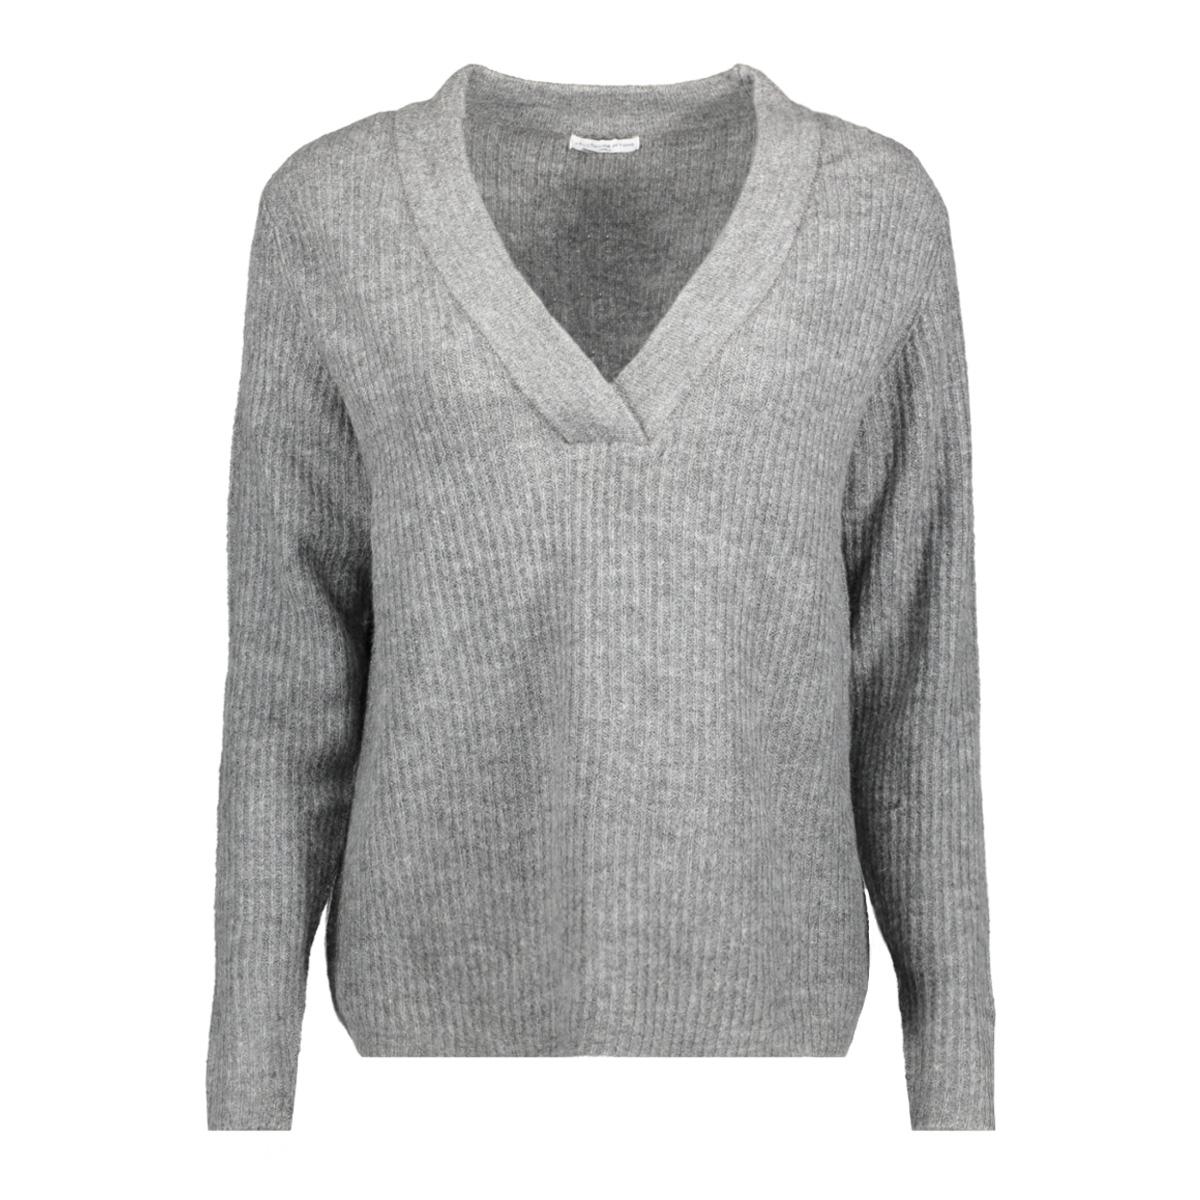 jdygold l/s v-neck pullover knt 15133644 jacqueline de yong sweater dark grey melange